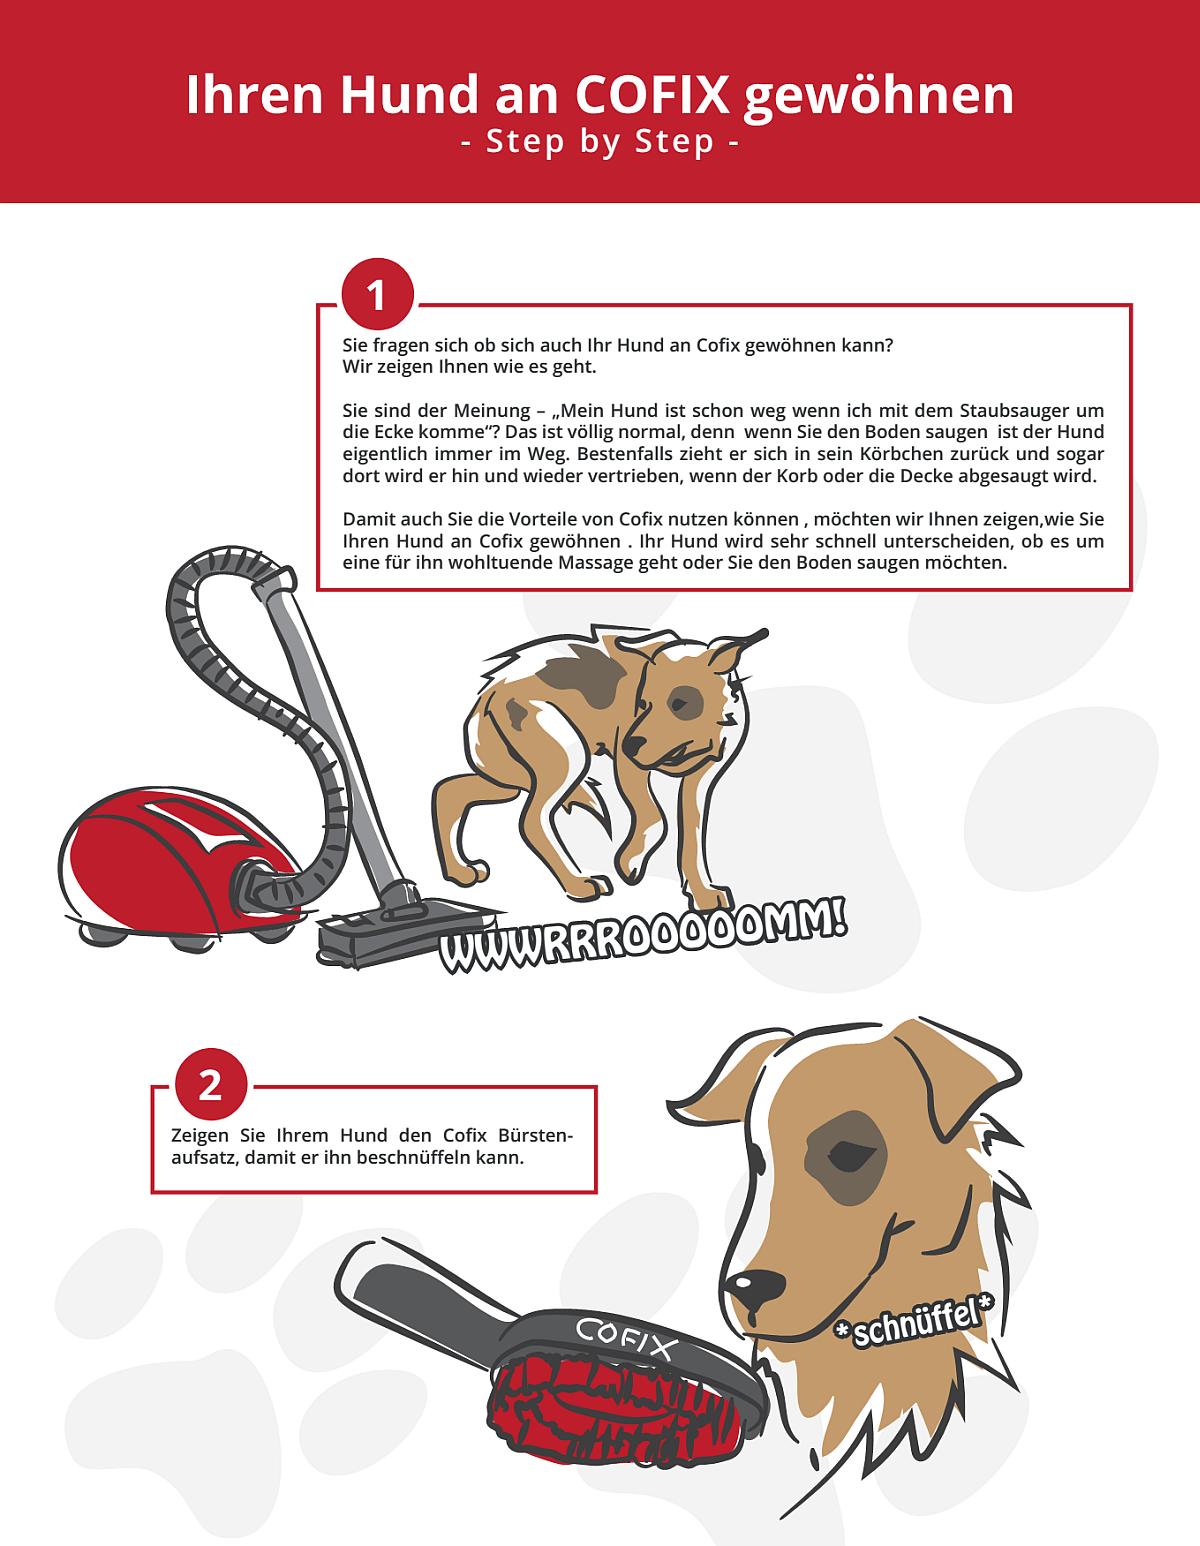 Hund an Sauger gewöhnen 1